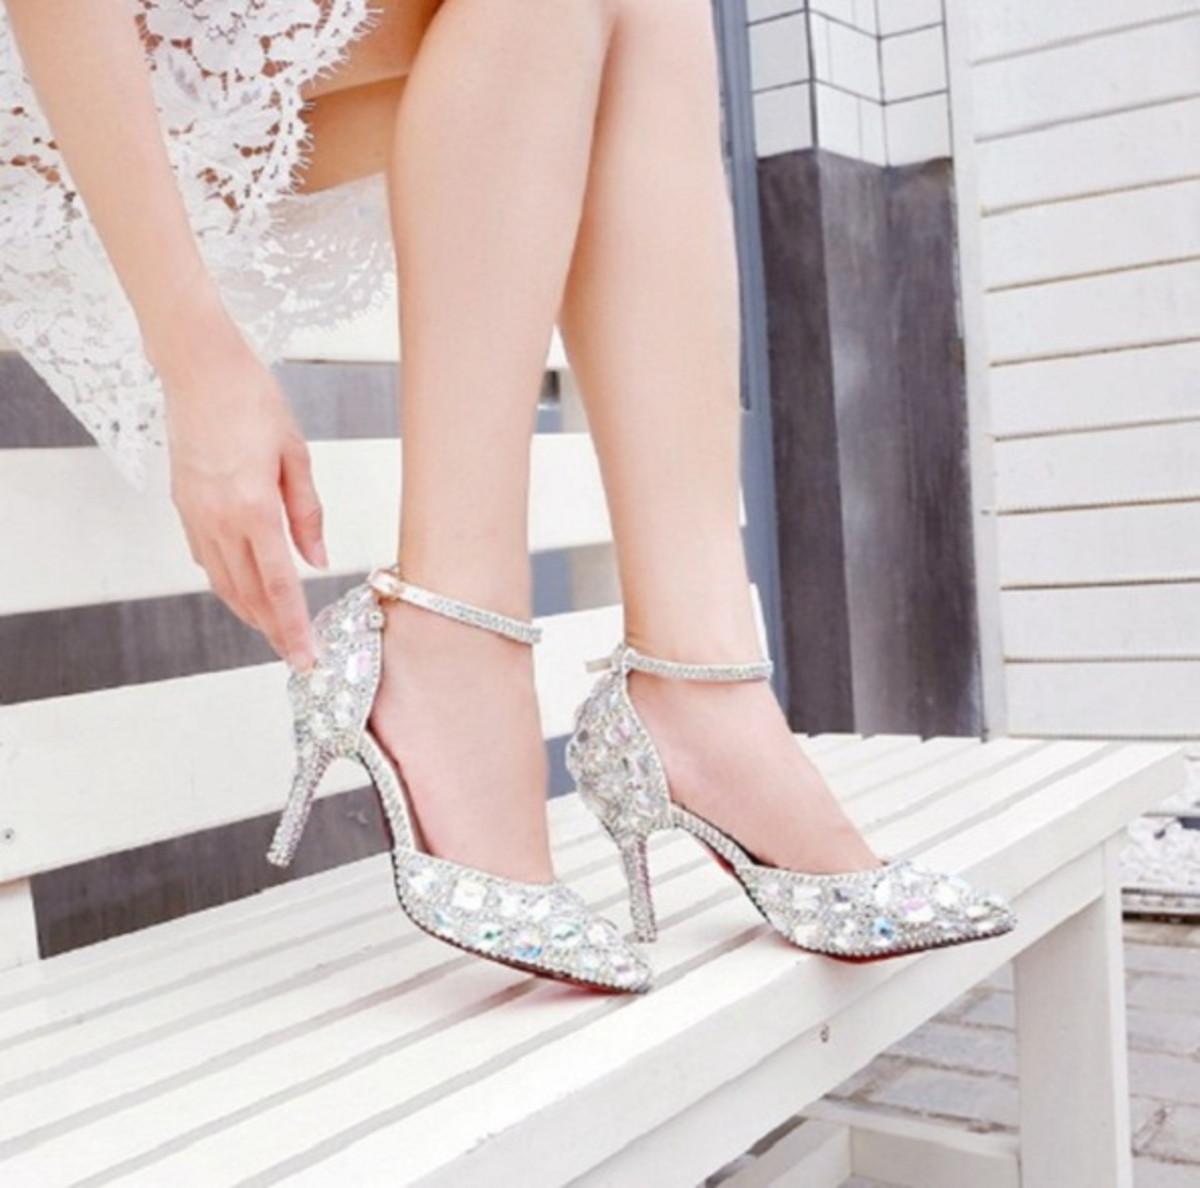 cbfc482ac Luxo Sapato Cristais Noiva Debutante Festa 15 anos Perolas no Elo7 ...